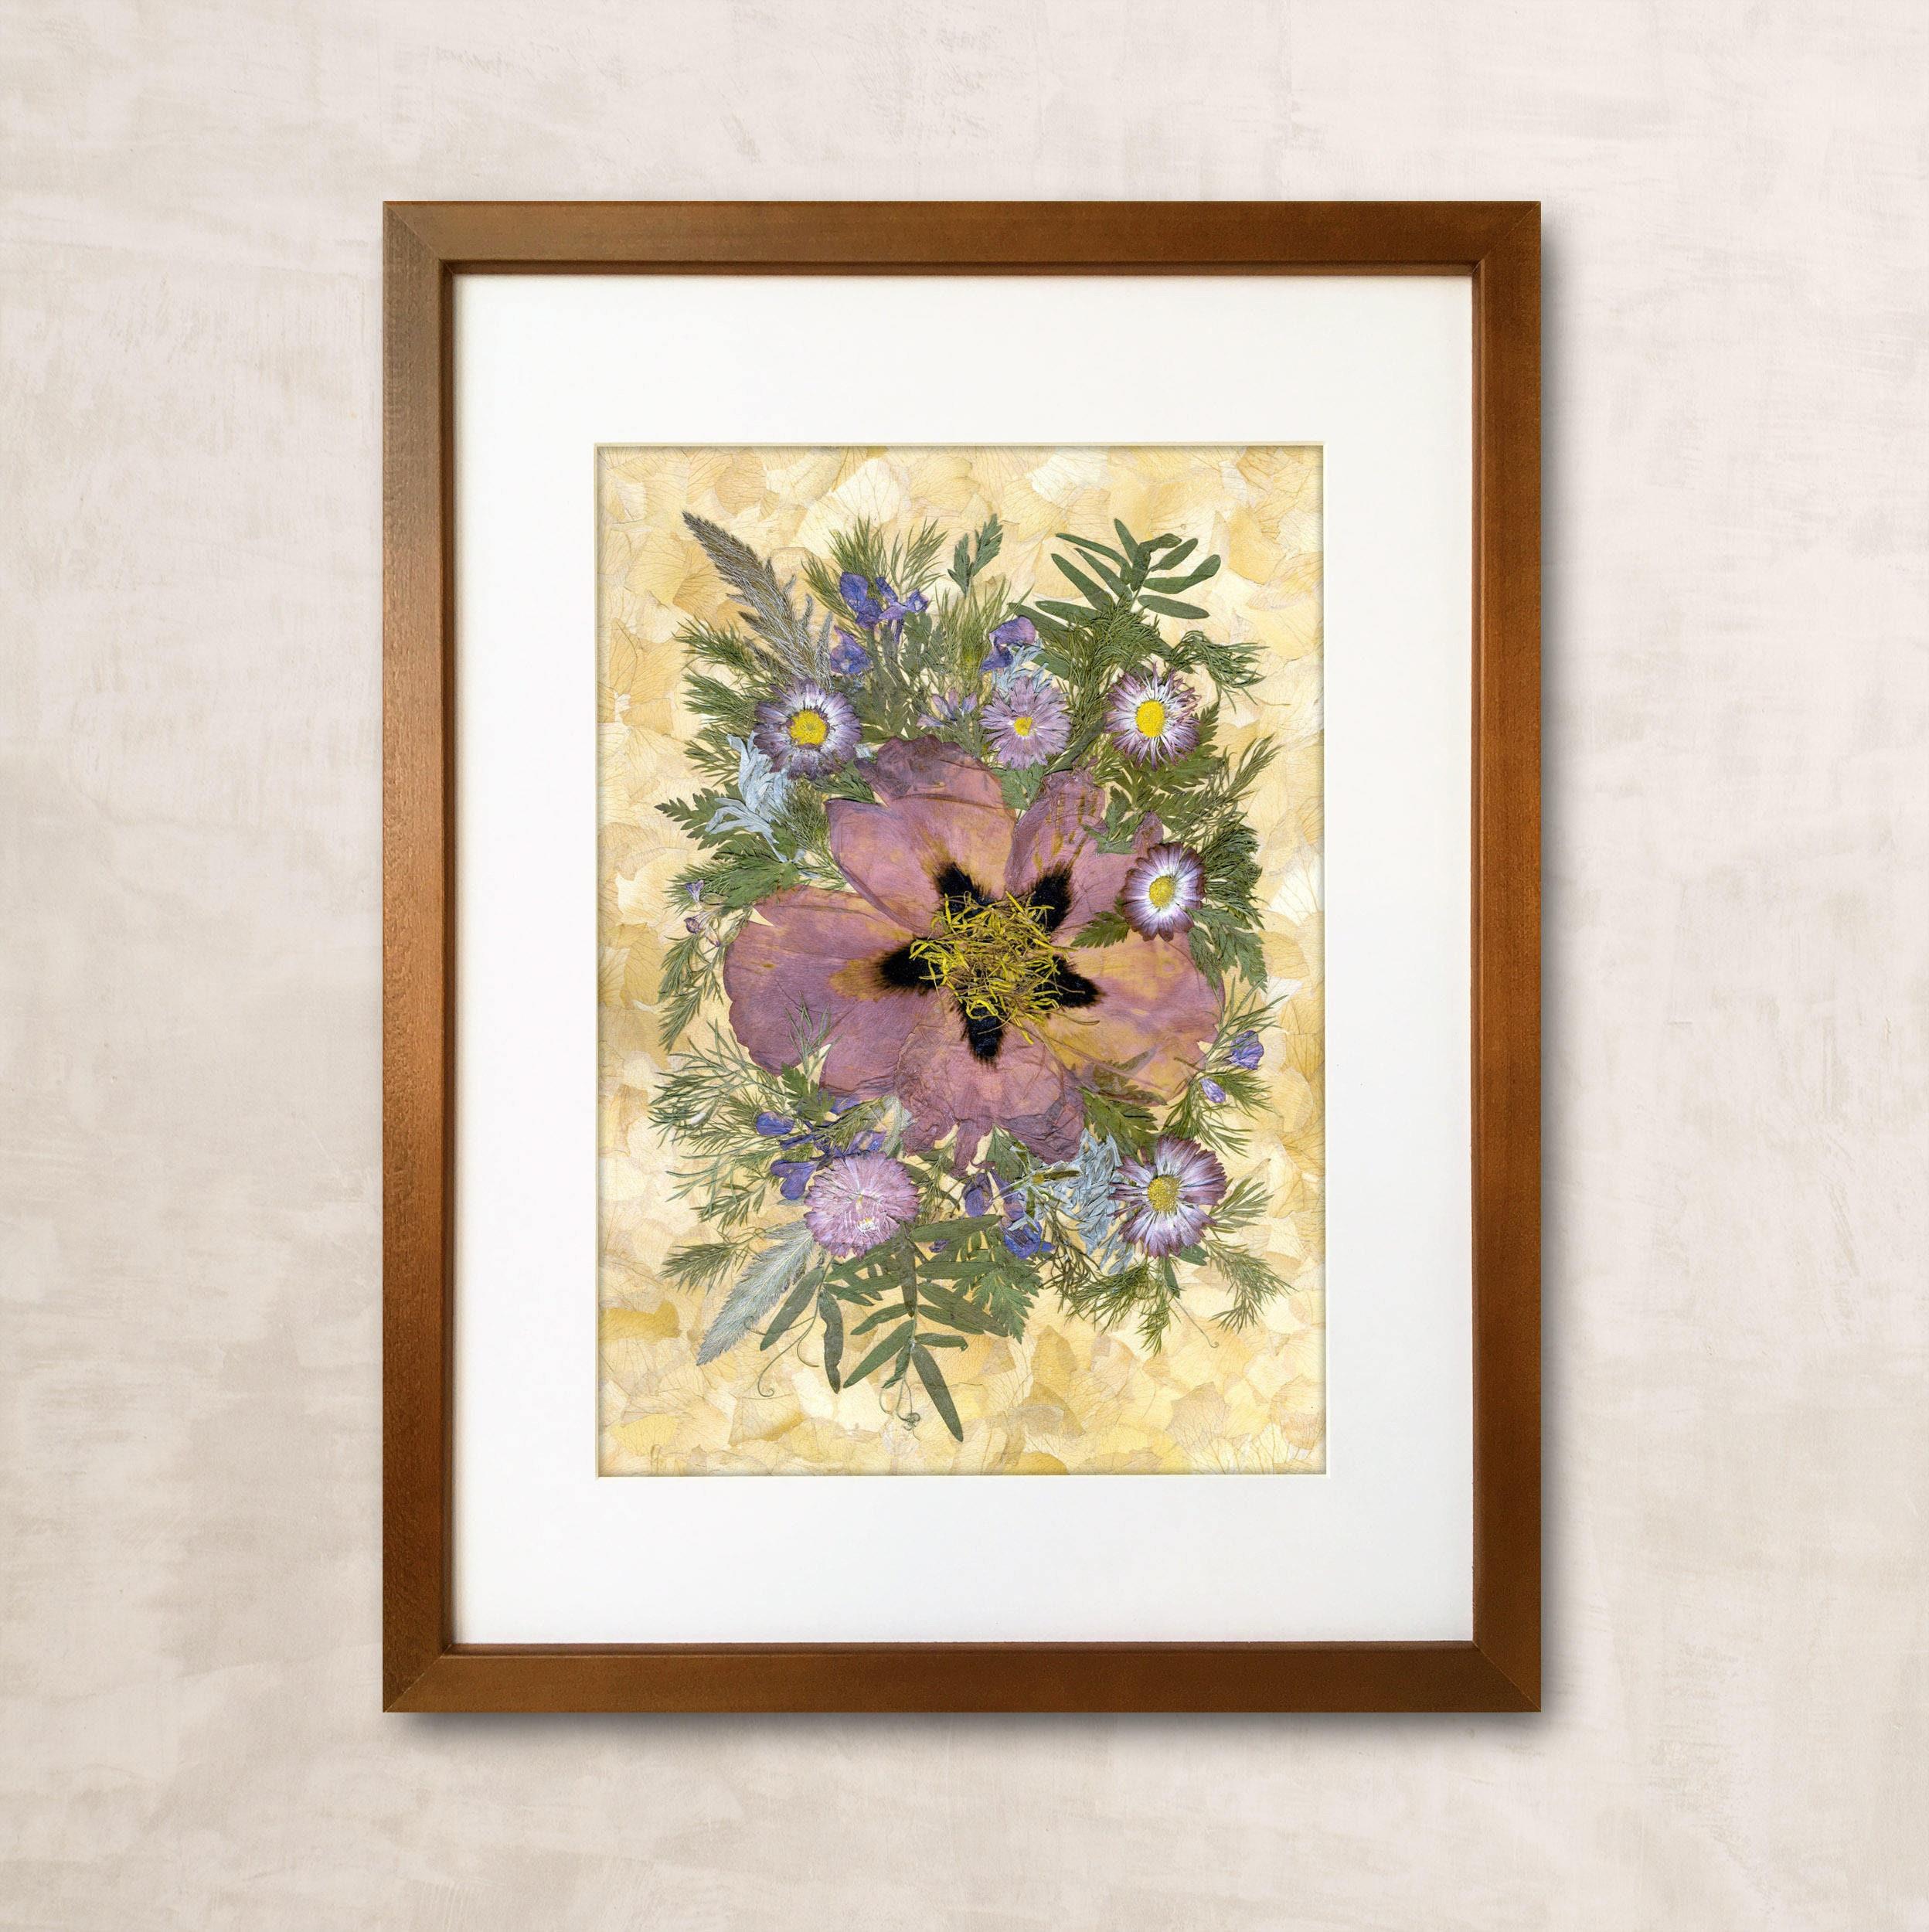 Umrahmt von getrockneten Blumen gepresste Blumen Kunst Blumen